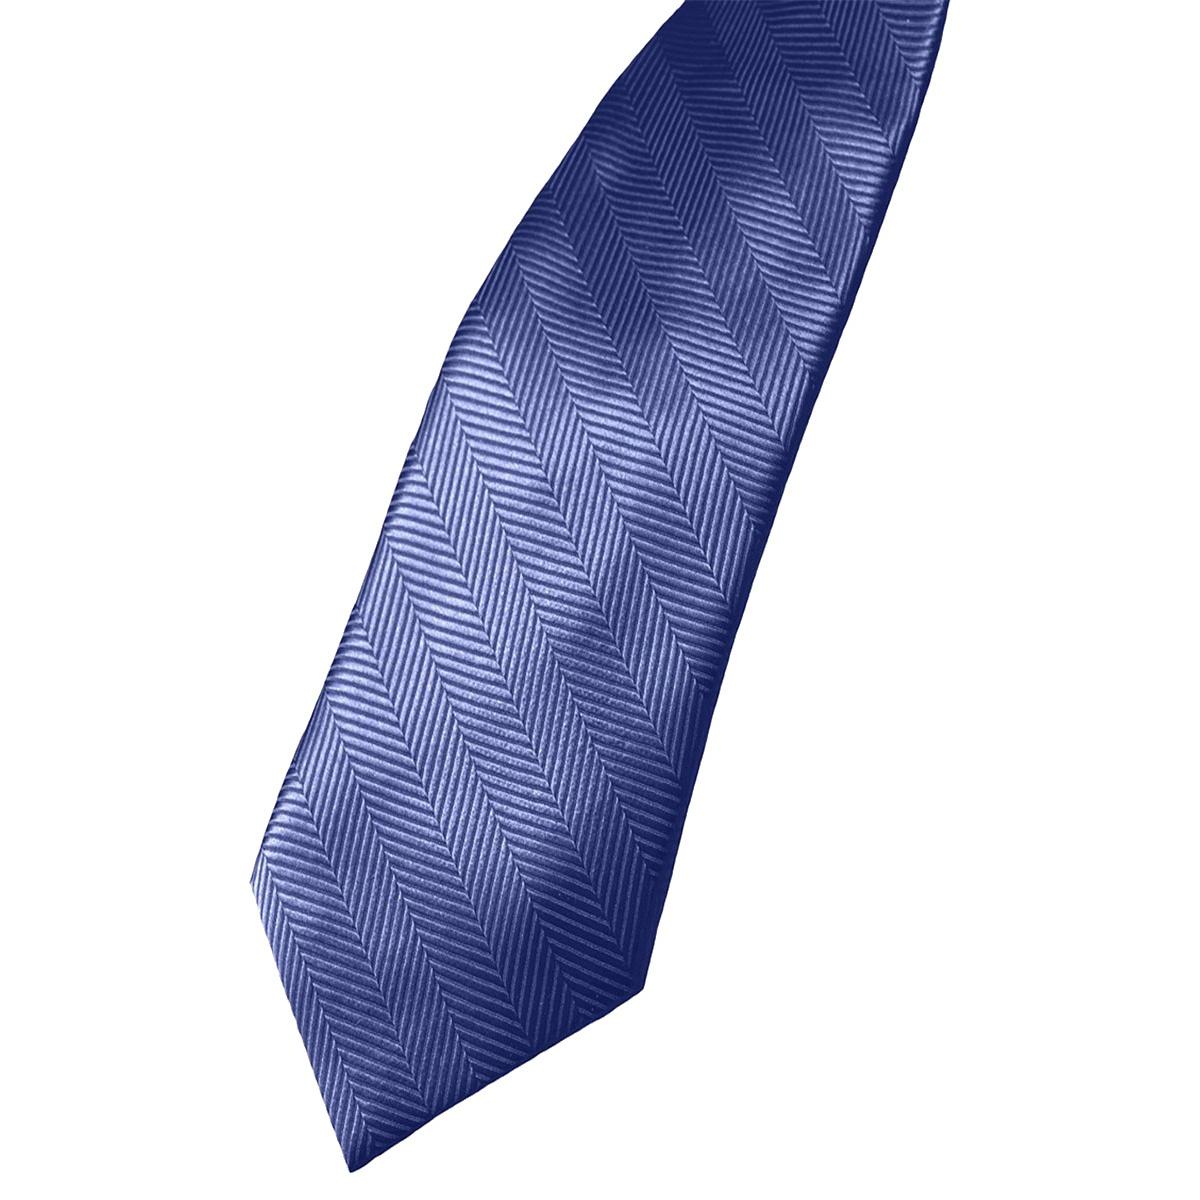 'Edwards HB00 Herringbone Tie'